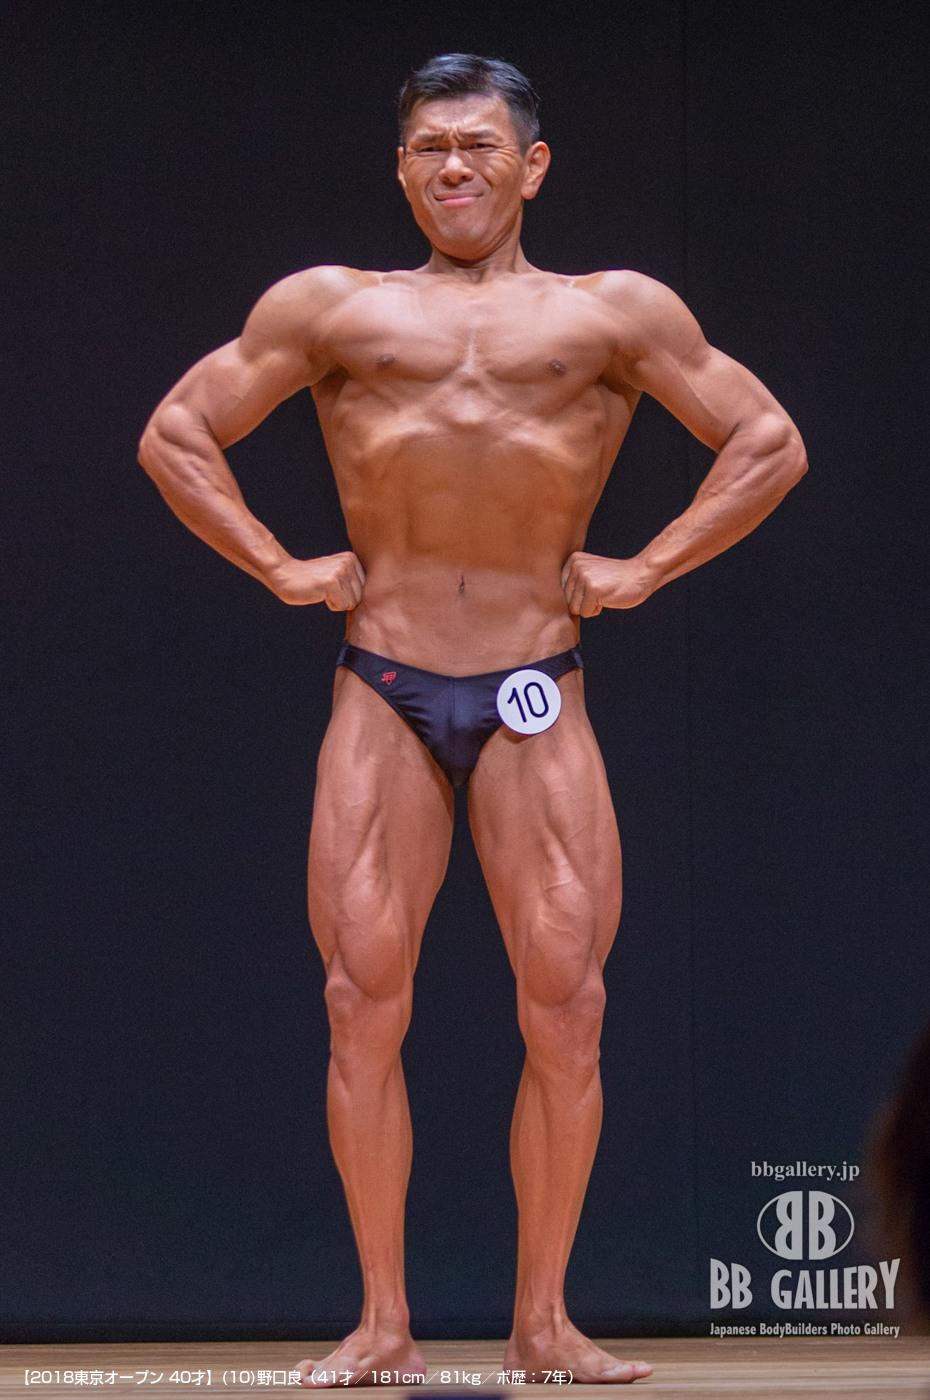 【2018東京オープン 40才】(10)野口良(41才/181cm/81kg/ボ歴:7年)